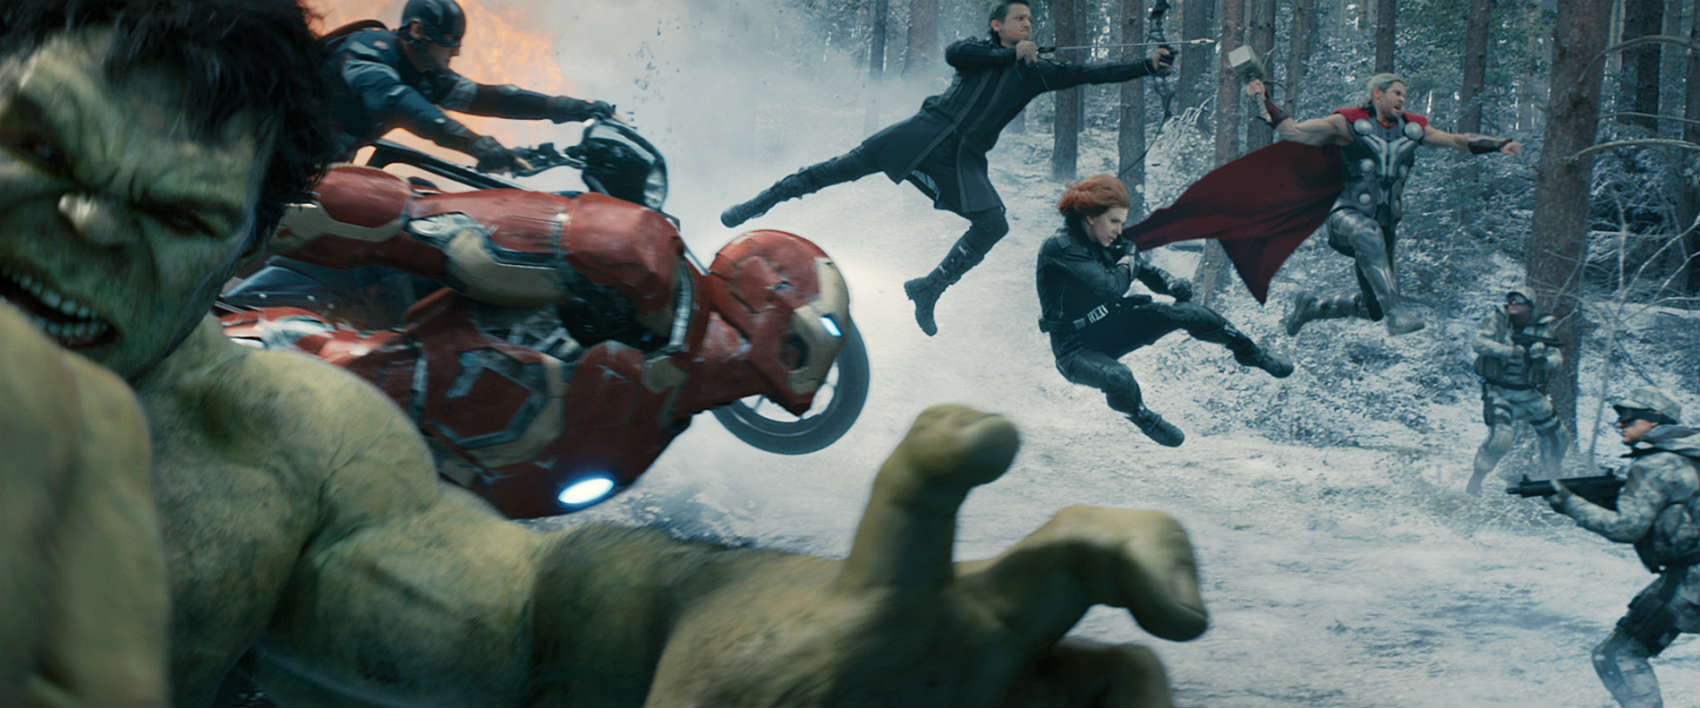 Zum Filbeginn kämpfen die Avengers in Osteuropa